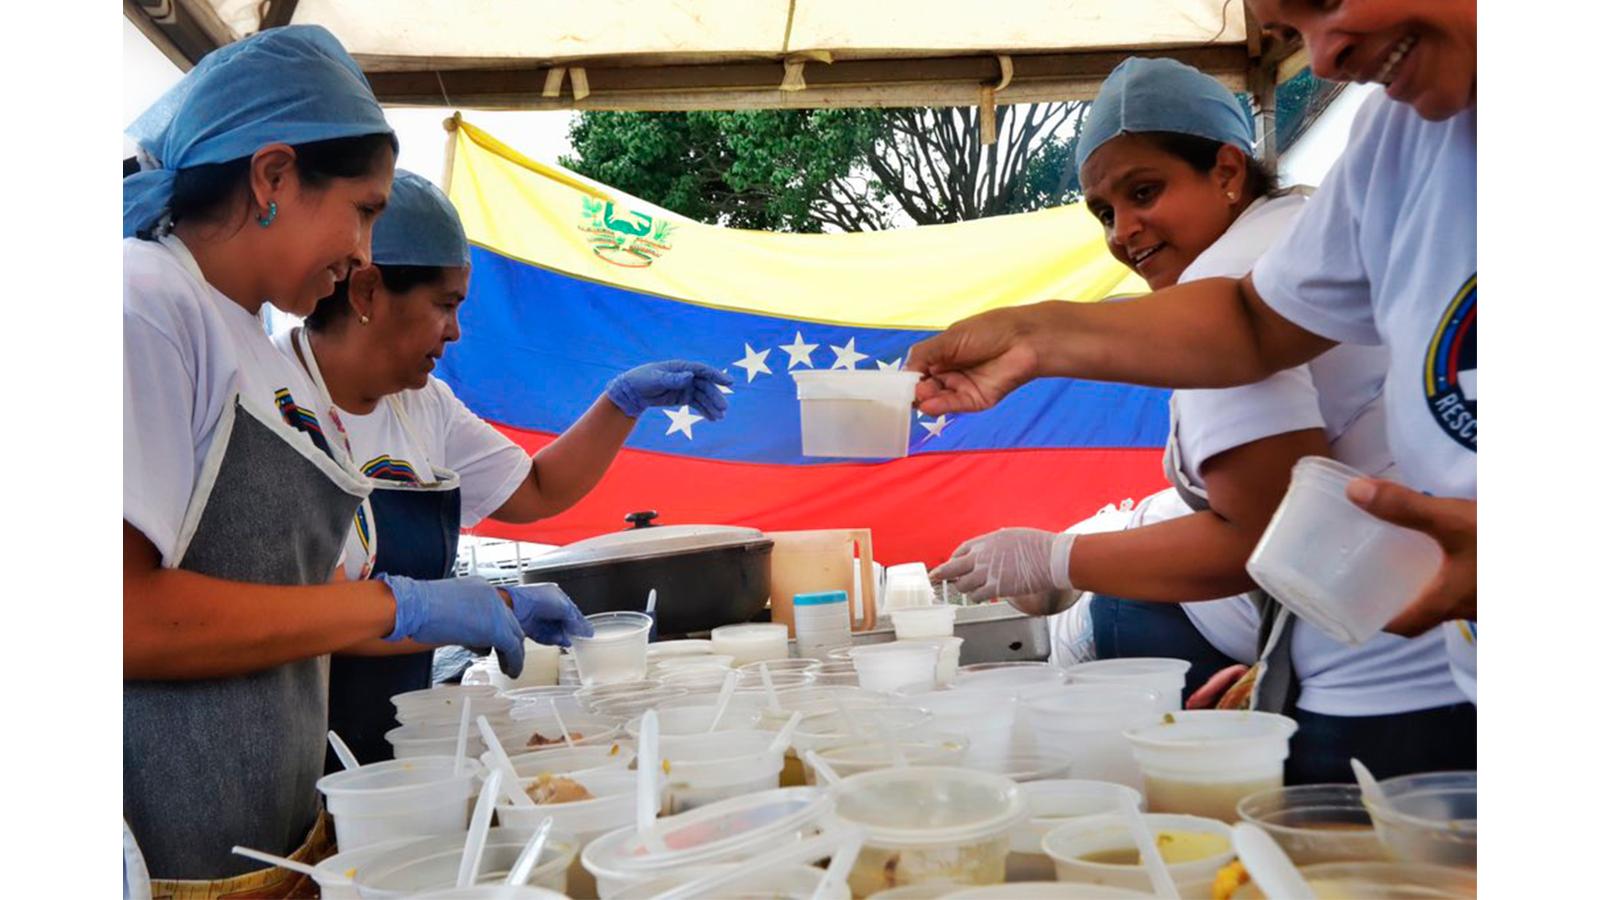 Enlaza, el programa de Dejusticia que apoya a las organizaciones venezolanas